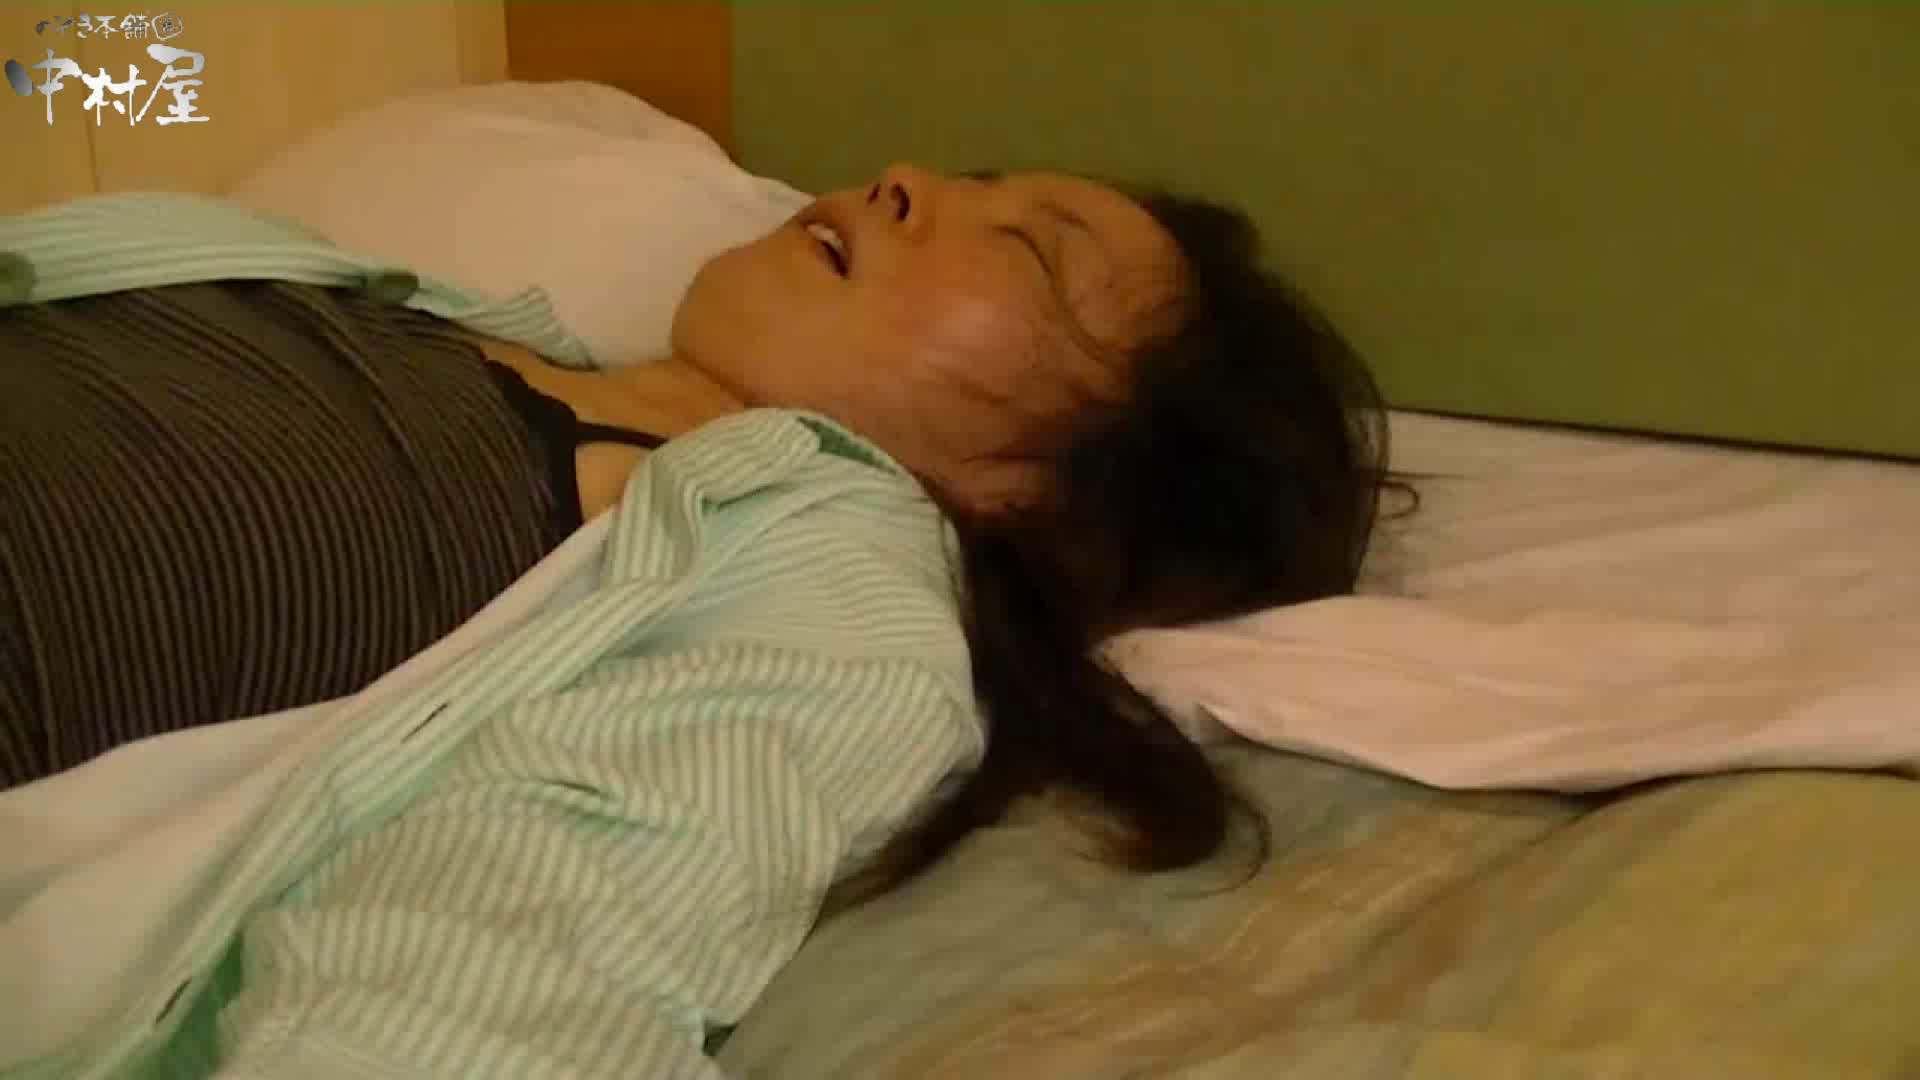 ネムリ姫 vol.30 マンコ・ムレムレ ヌード画像 93pic 33